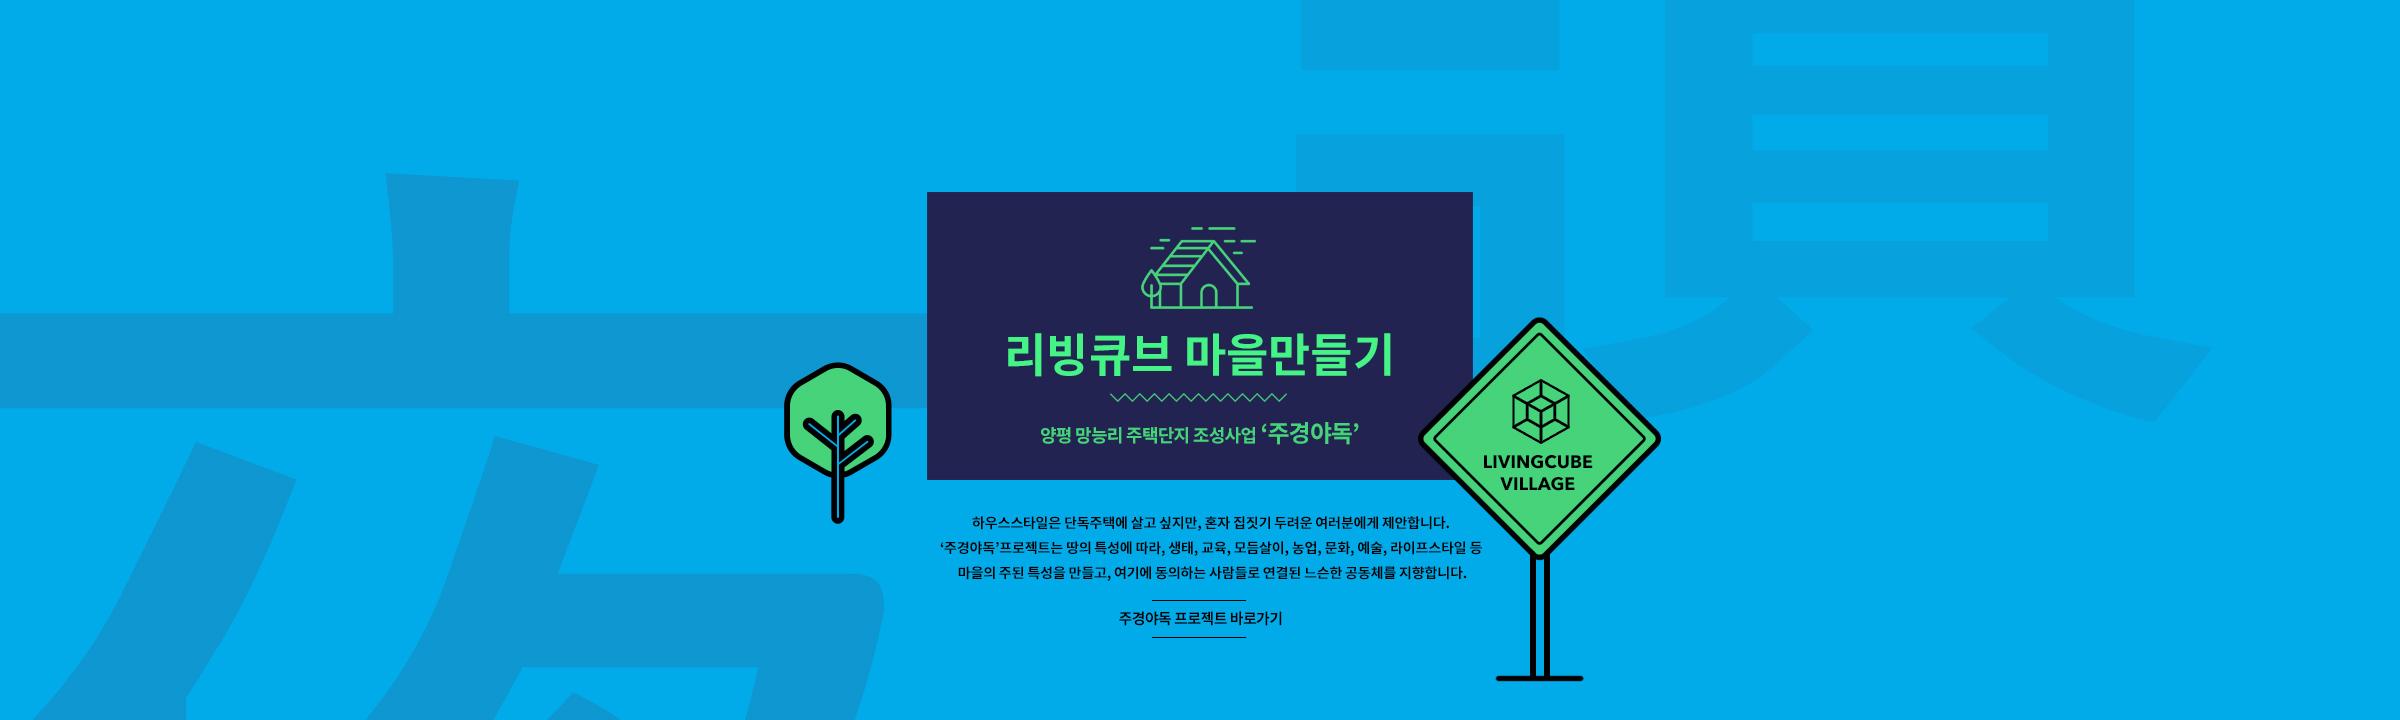 jukyung-title4